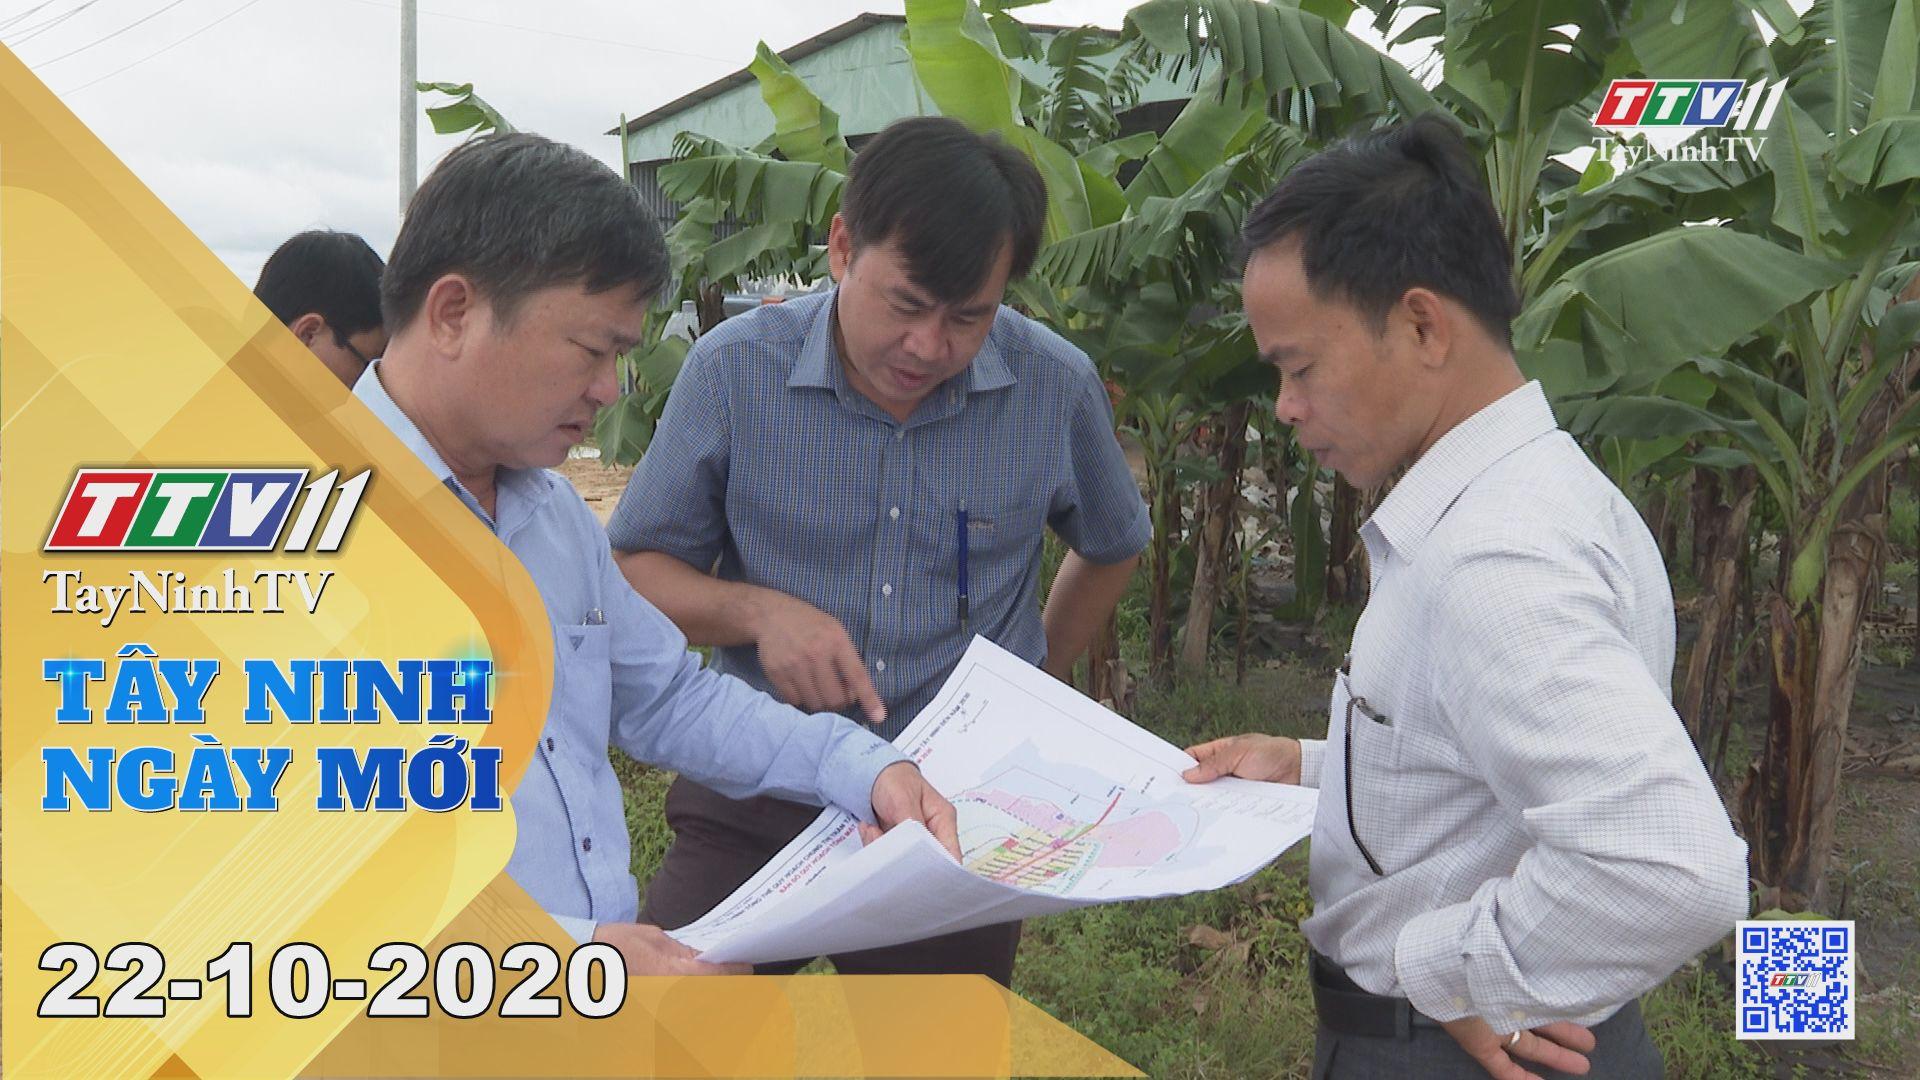 Tây Ninh Ngày Mới 22-10-2020 | Tin tức hôm nay | TayNinhTV